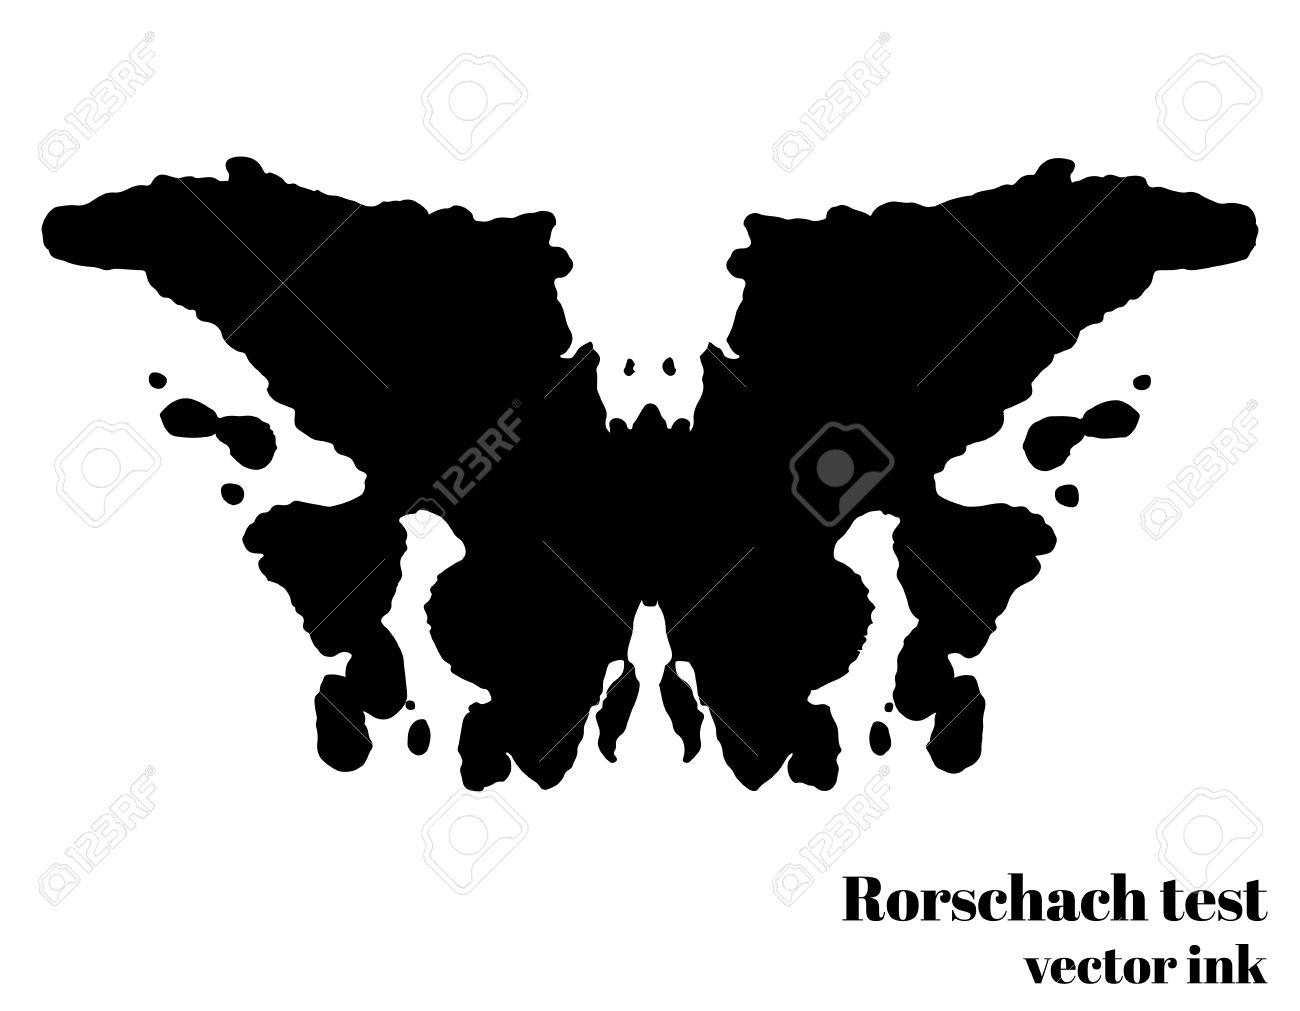 Tinta Prueba De Rorschach Ilustración Vectorial Blot. Examen ...